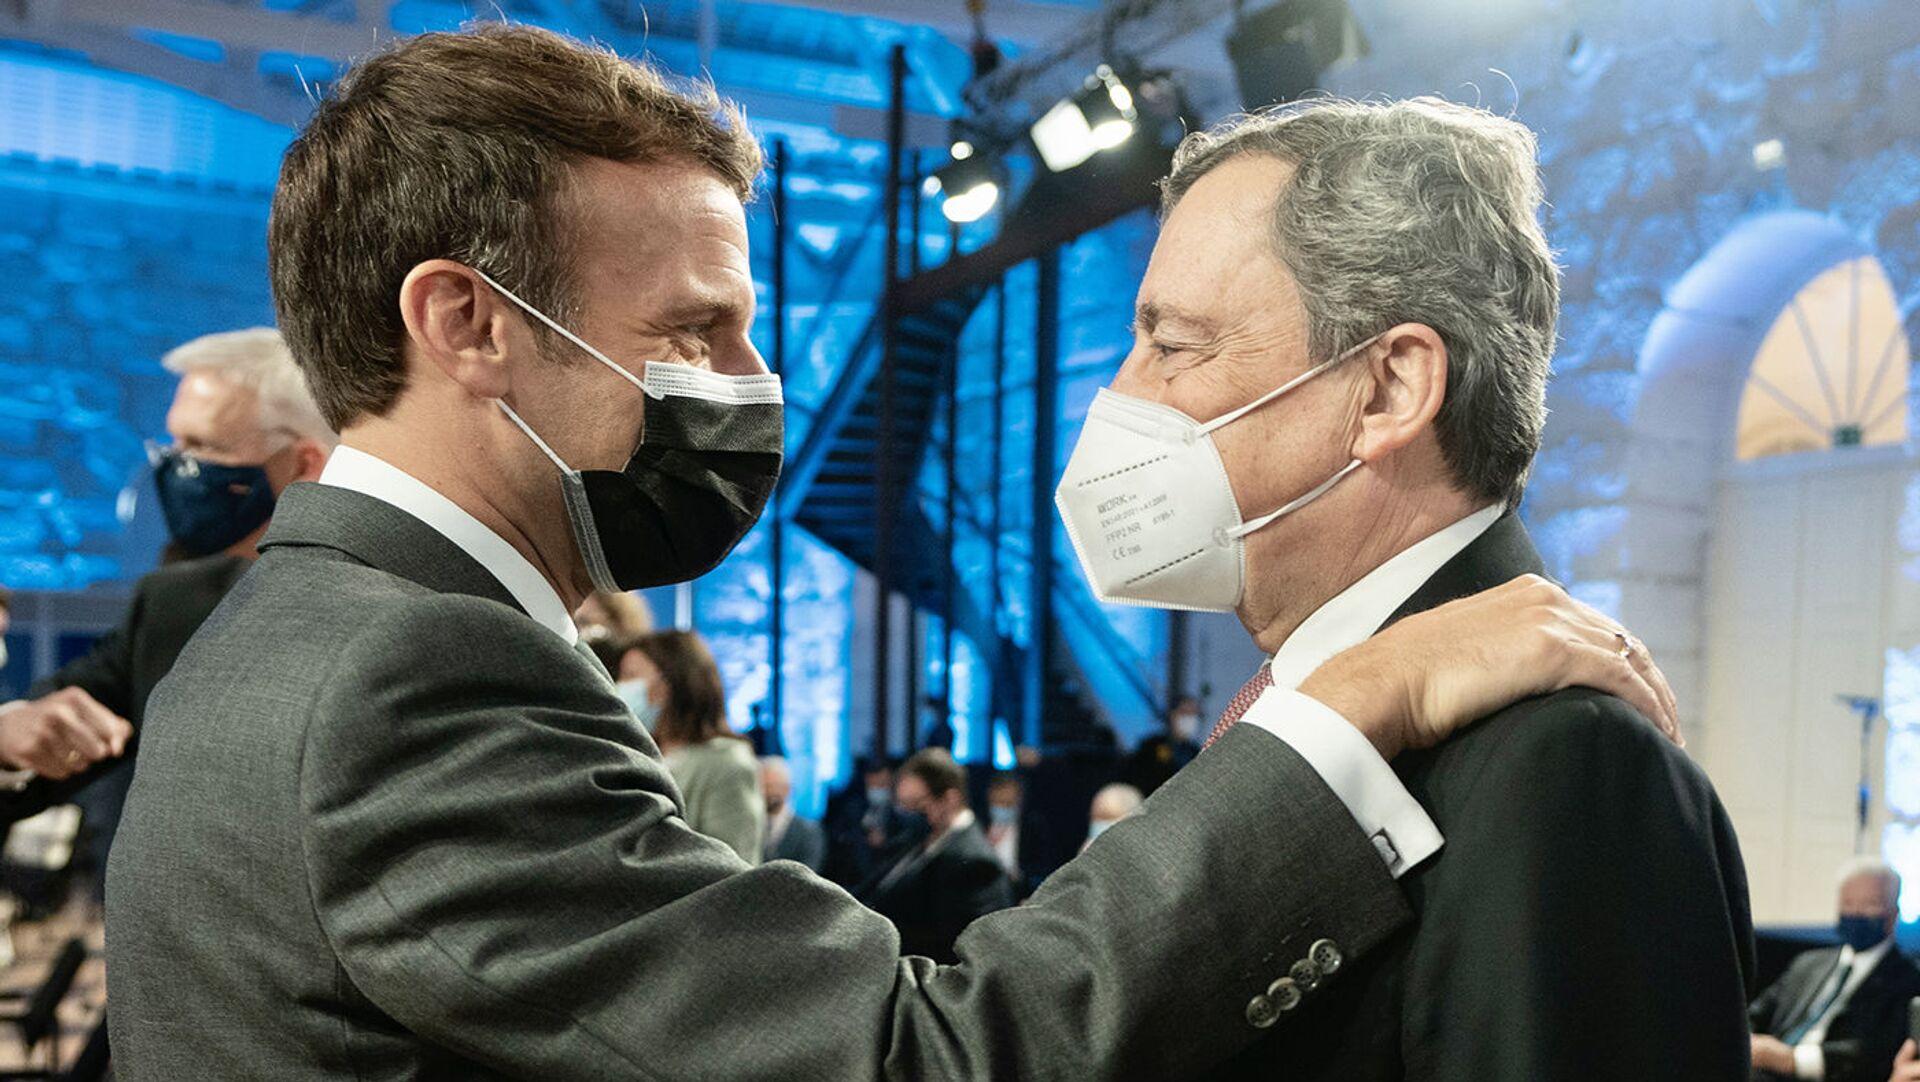 Il Presidente del Consiglio, Mario Draghi, partecipa a Oporto il 7 e 8 maggio 2021 al Porto Social Summit, al Consiglio Europeo informale e alla videoconferenza del Vertice UE-India. - Sputnik Italia, 1920, 01.09.2021